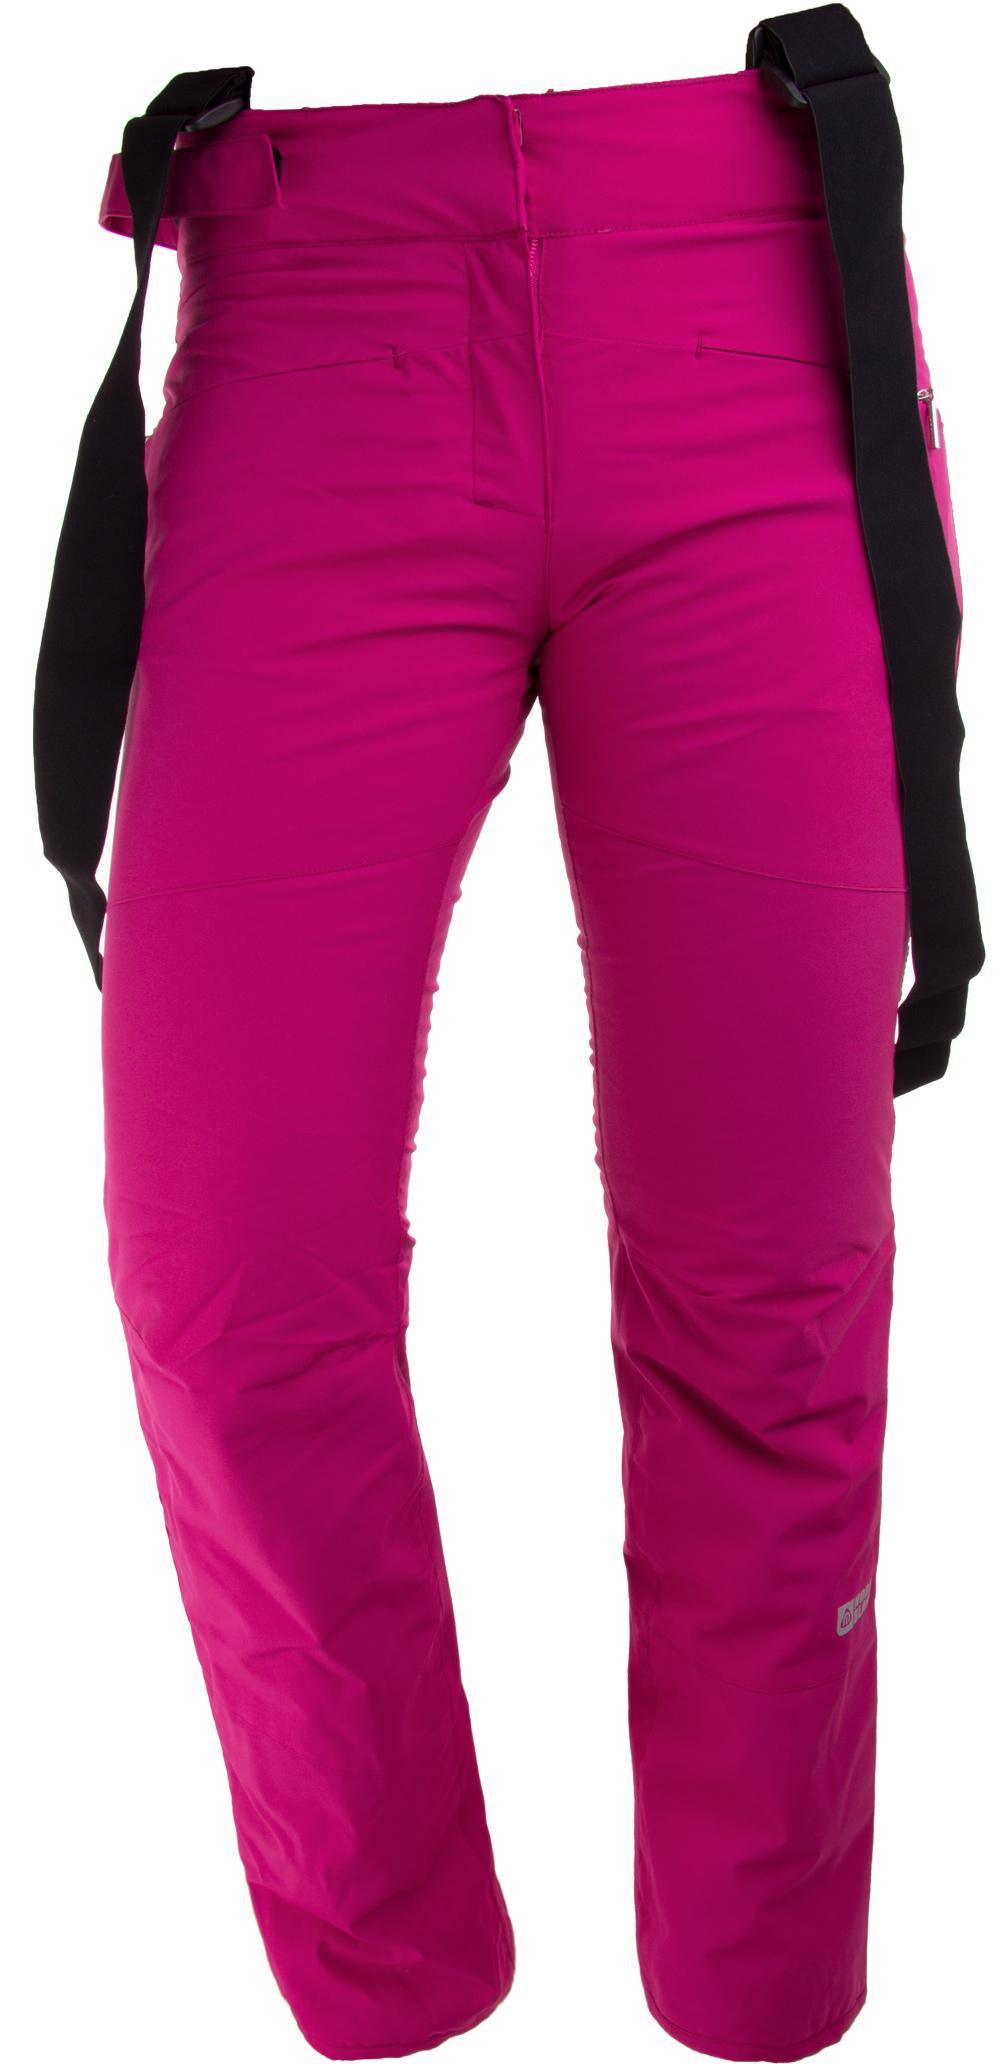 Lyžařské kalhoty dámské NORDBLANC Docile - NBWP6439